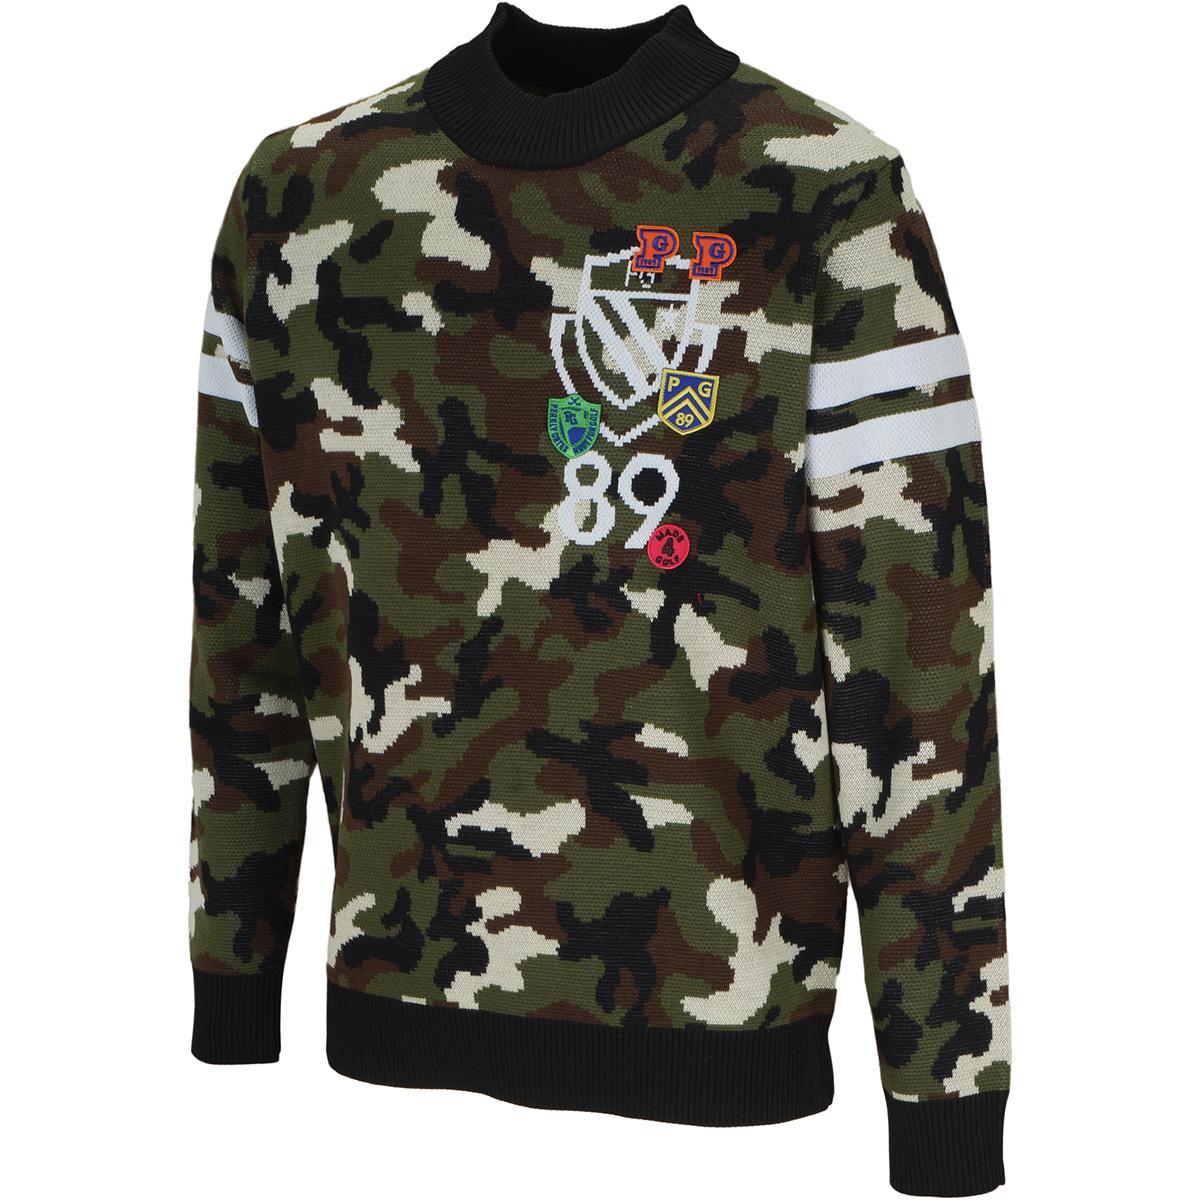 スムージーウールタイプ×PY カモ柄ジャガード セーター